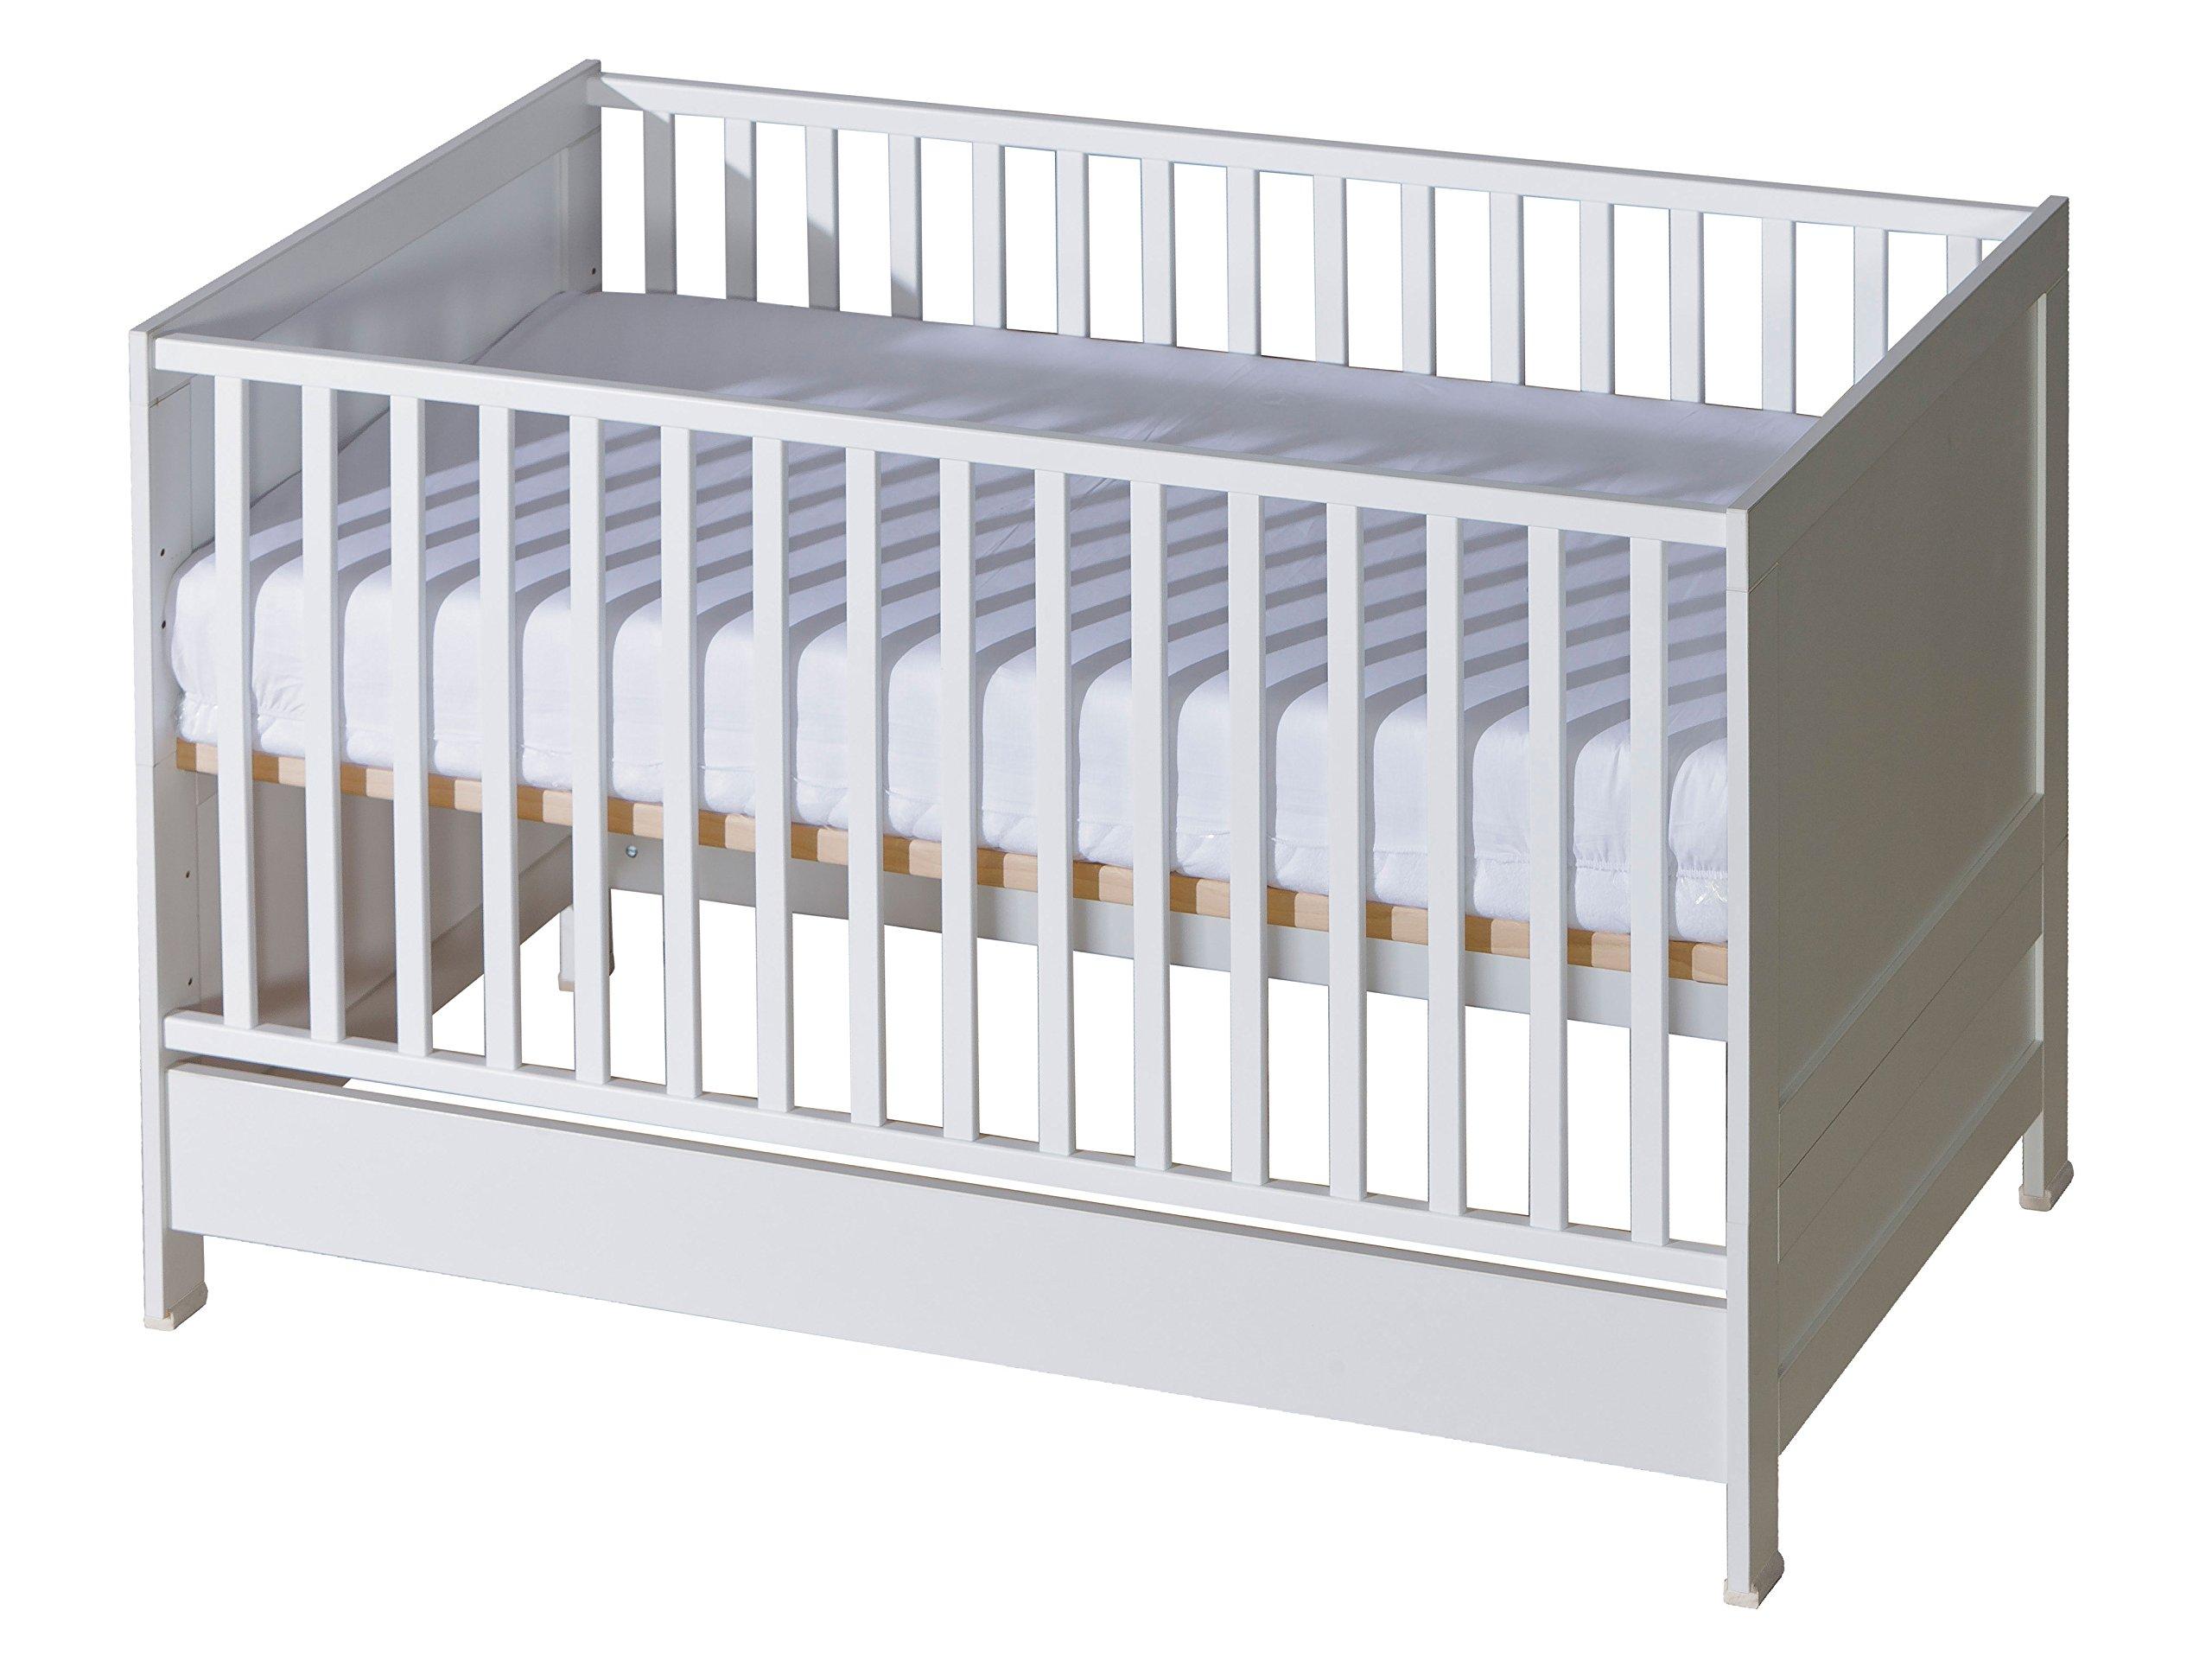 Am besten bewertete produkte in der kategorie baby & kinderbetten